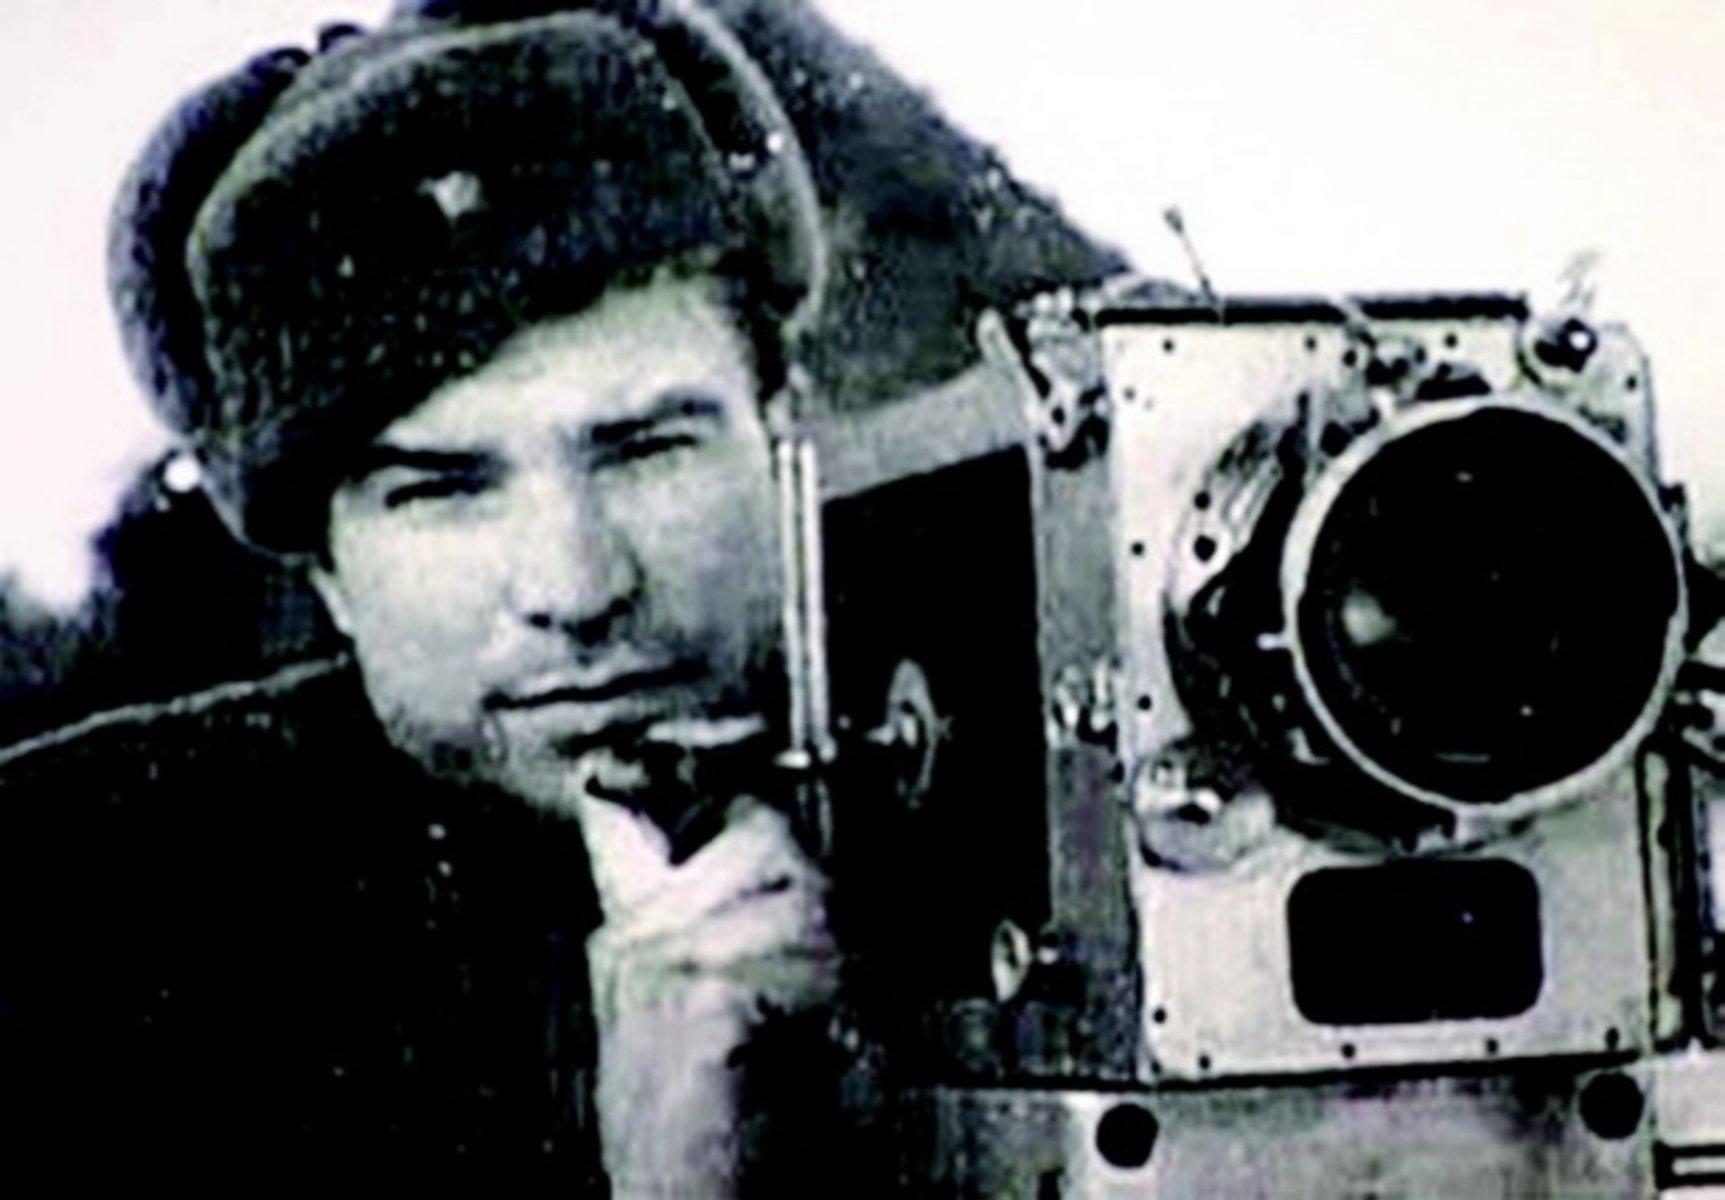 Как выглядит Великая Отечественная война глазами оператора Владимира Сущинского?